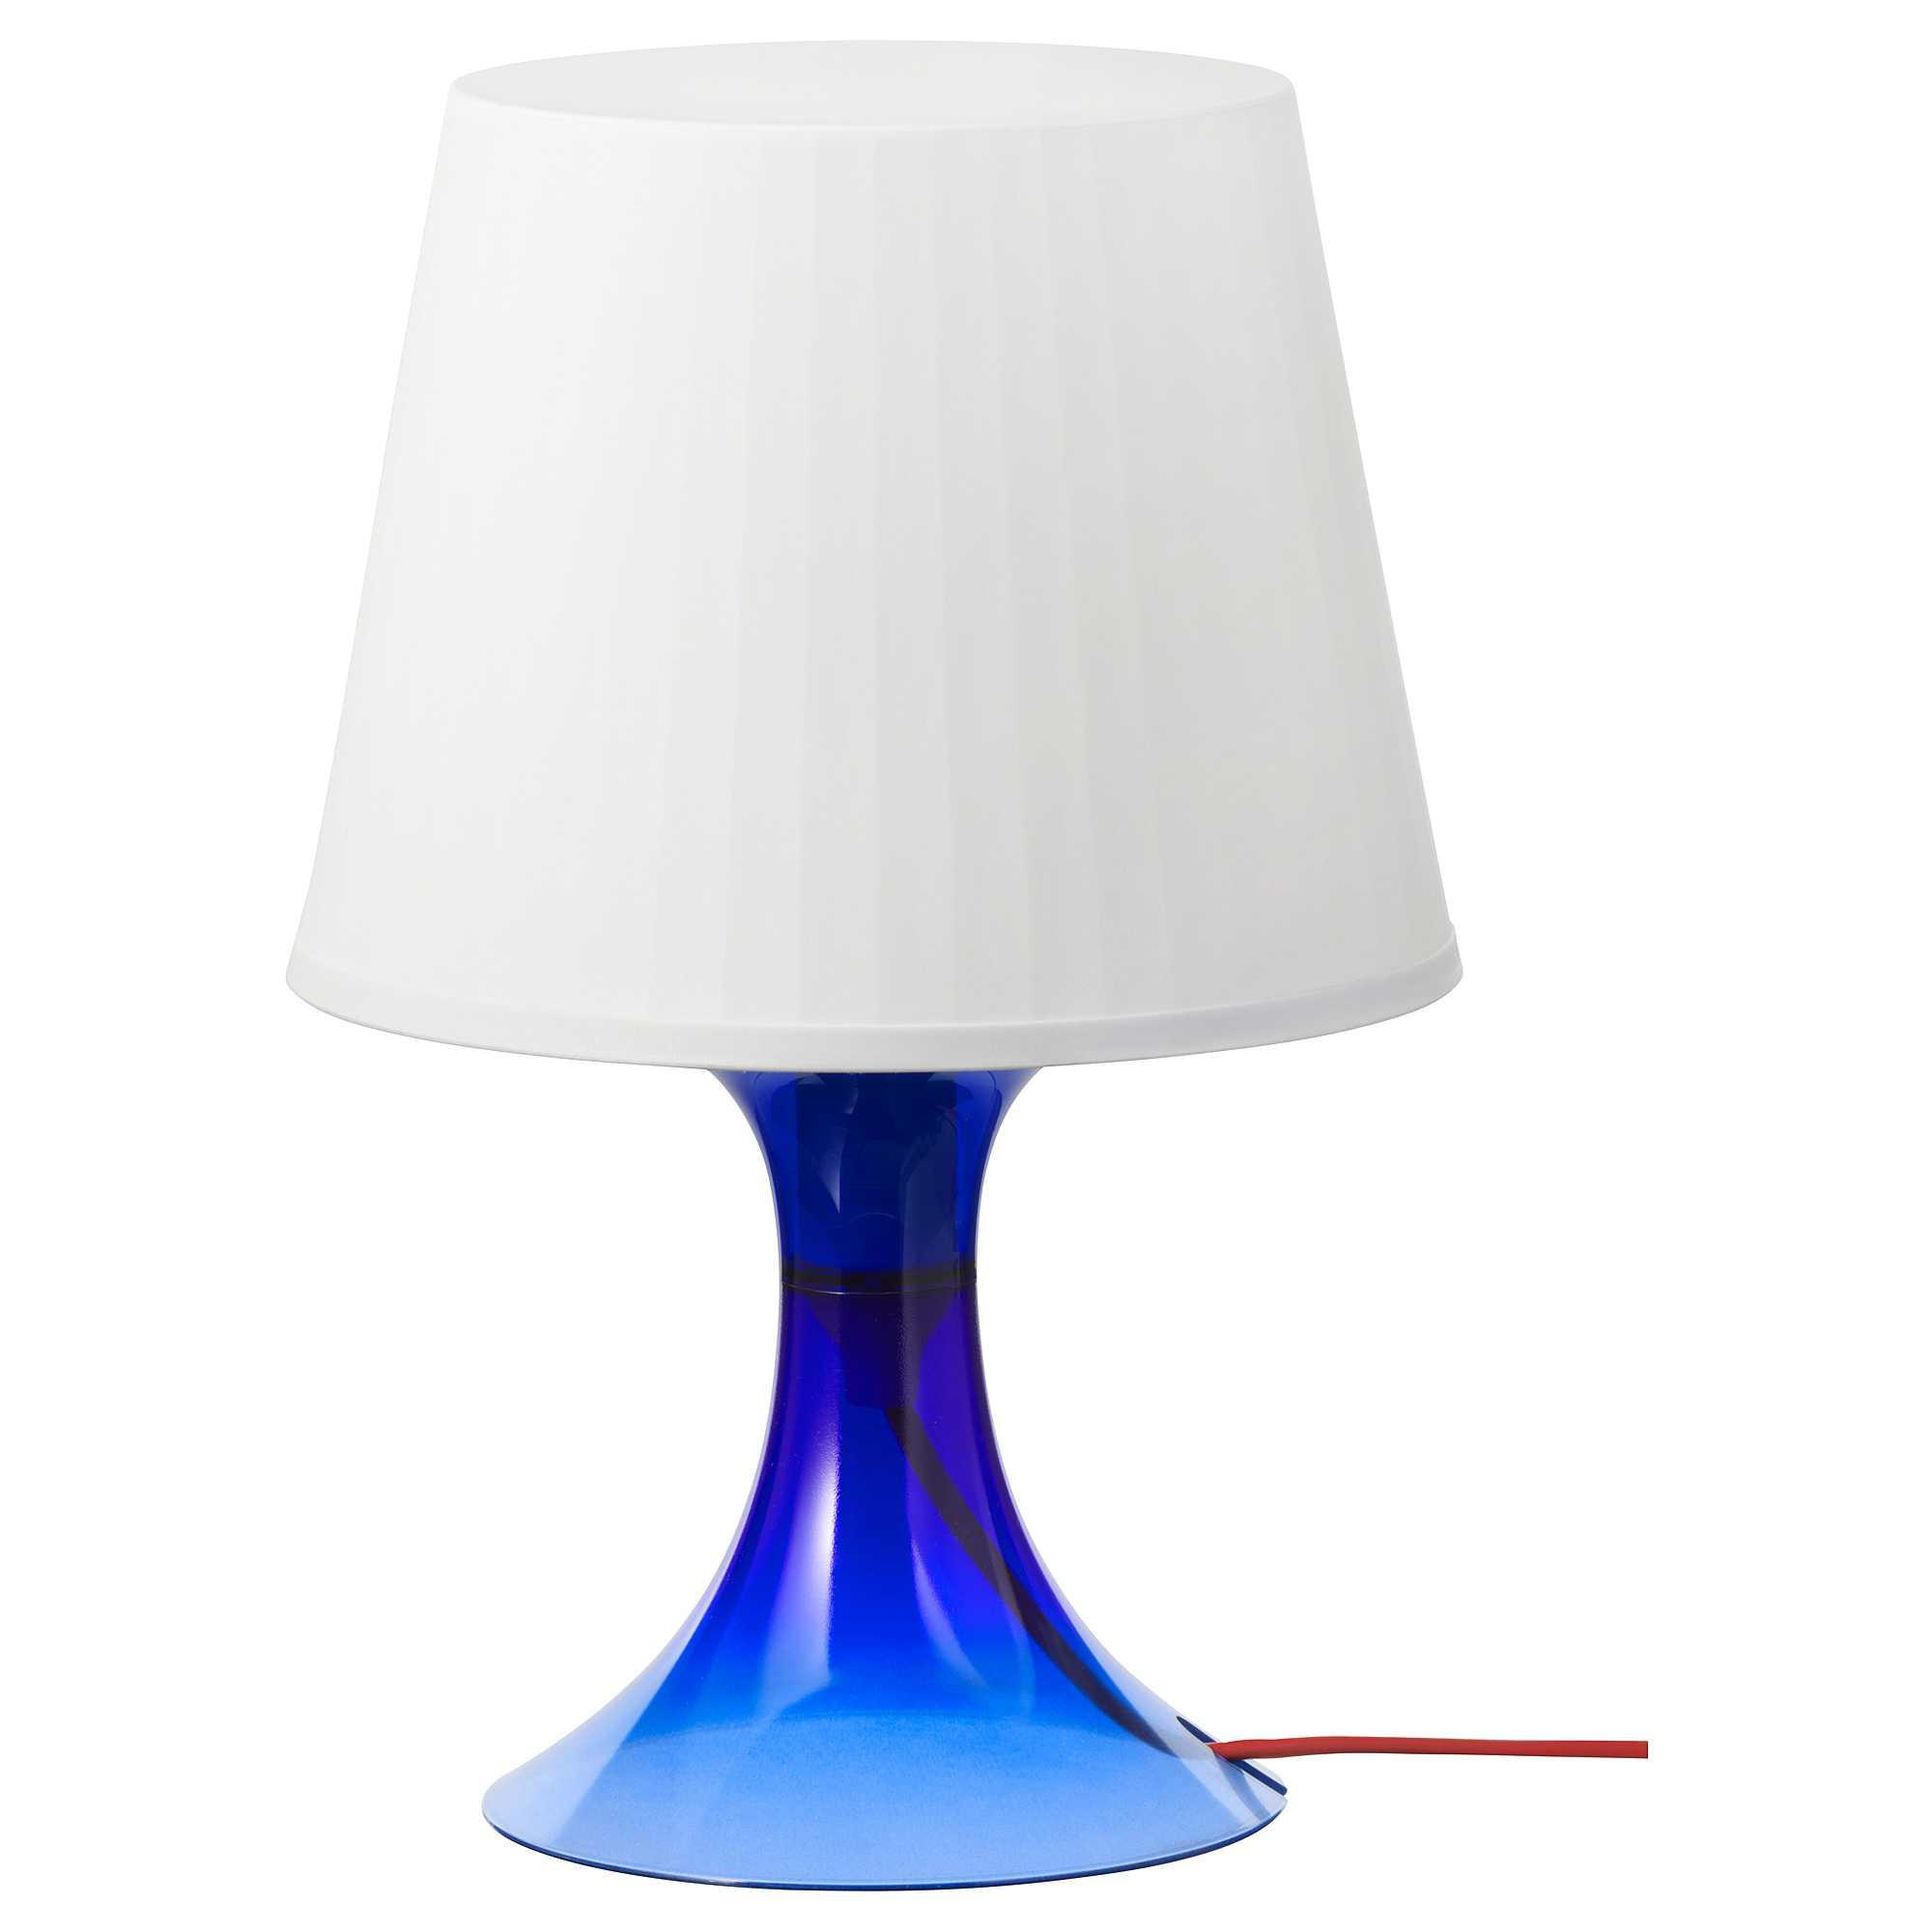 Luminaire Chevet Maison De Idée Ikea Led Lampe Et Xikpzu